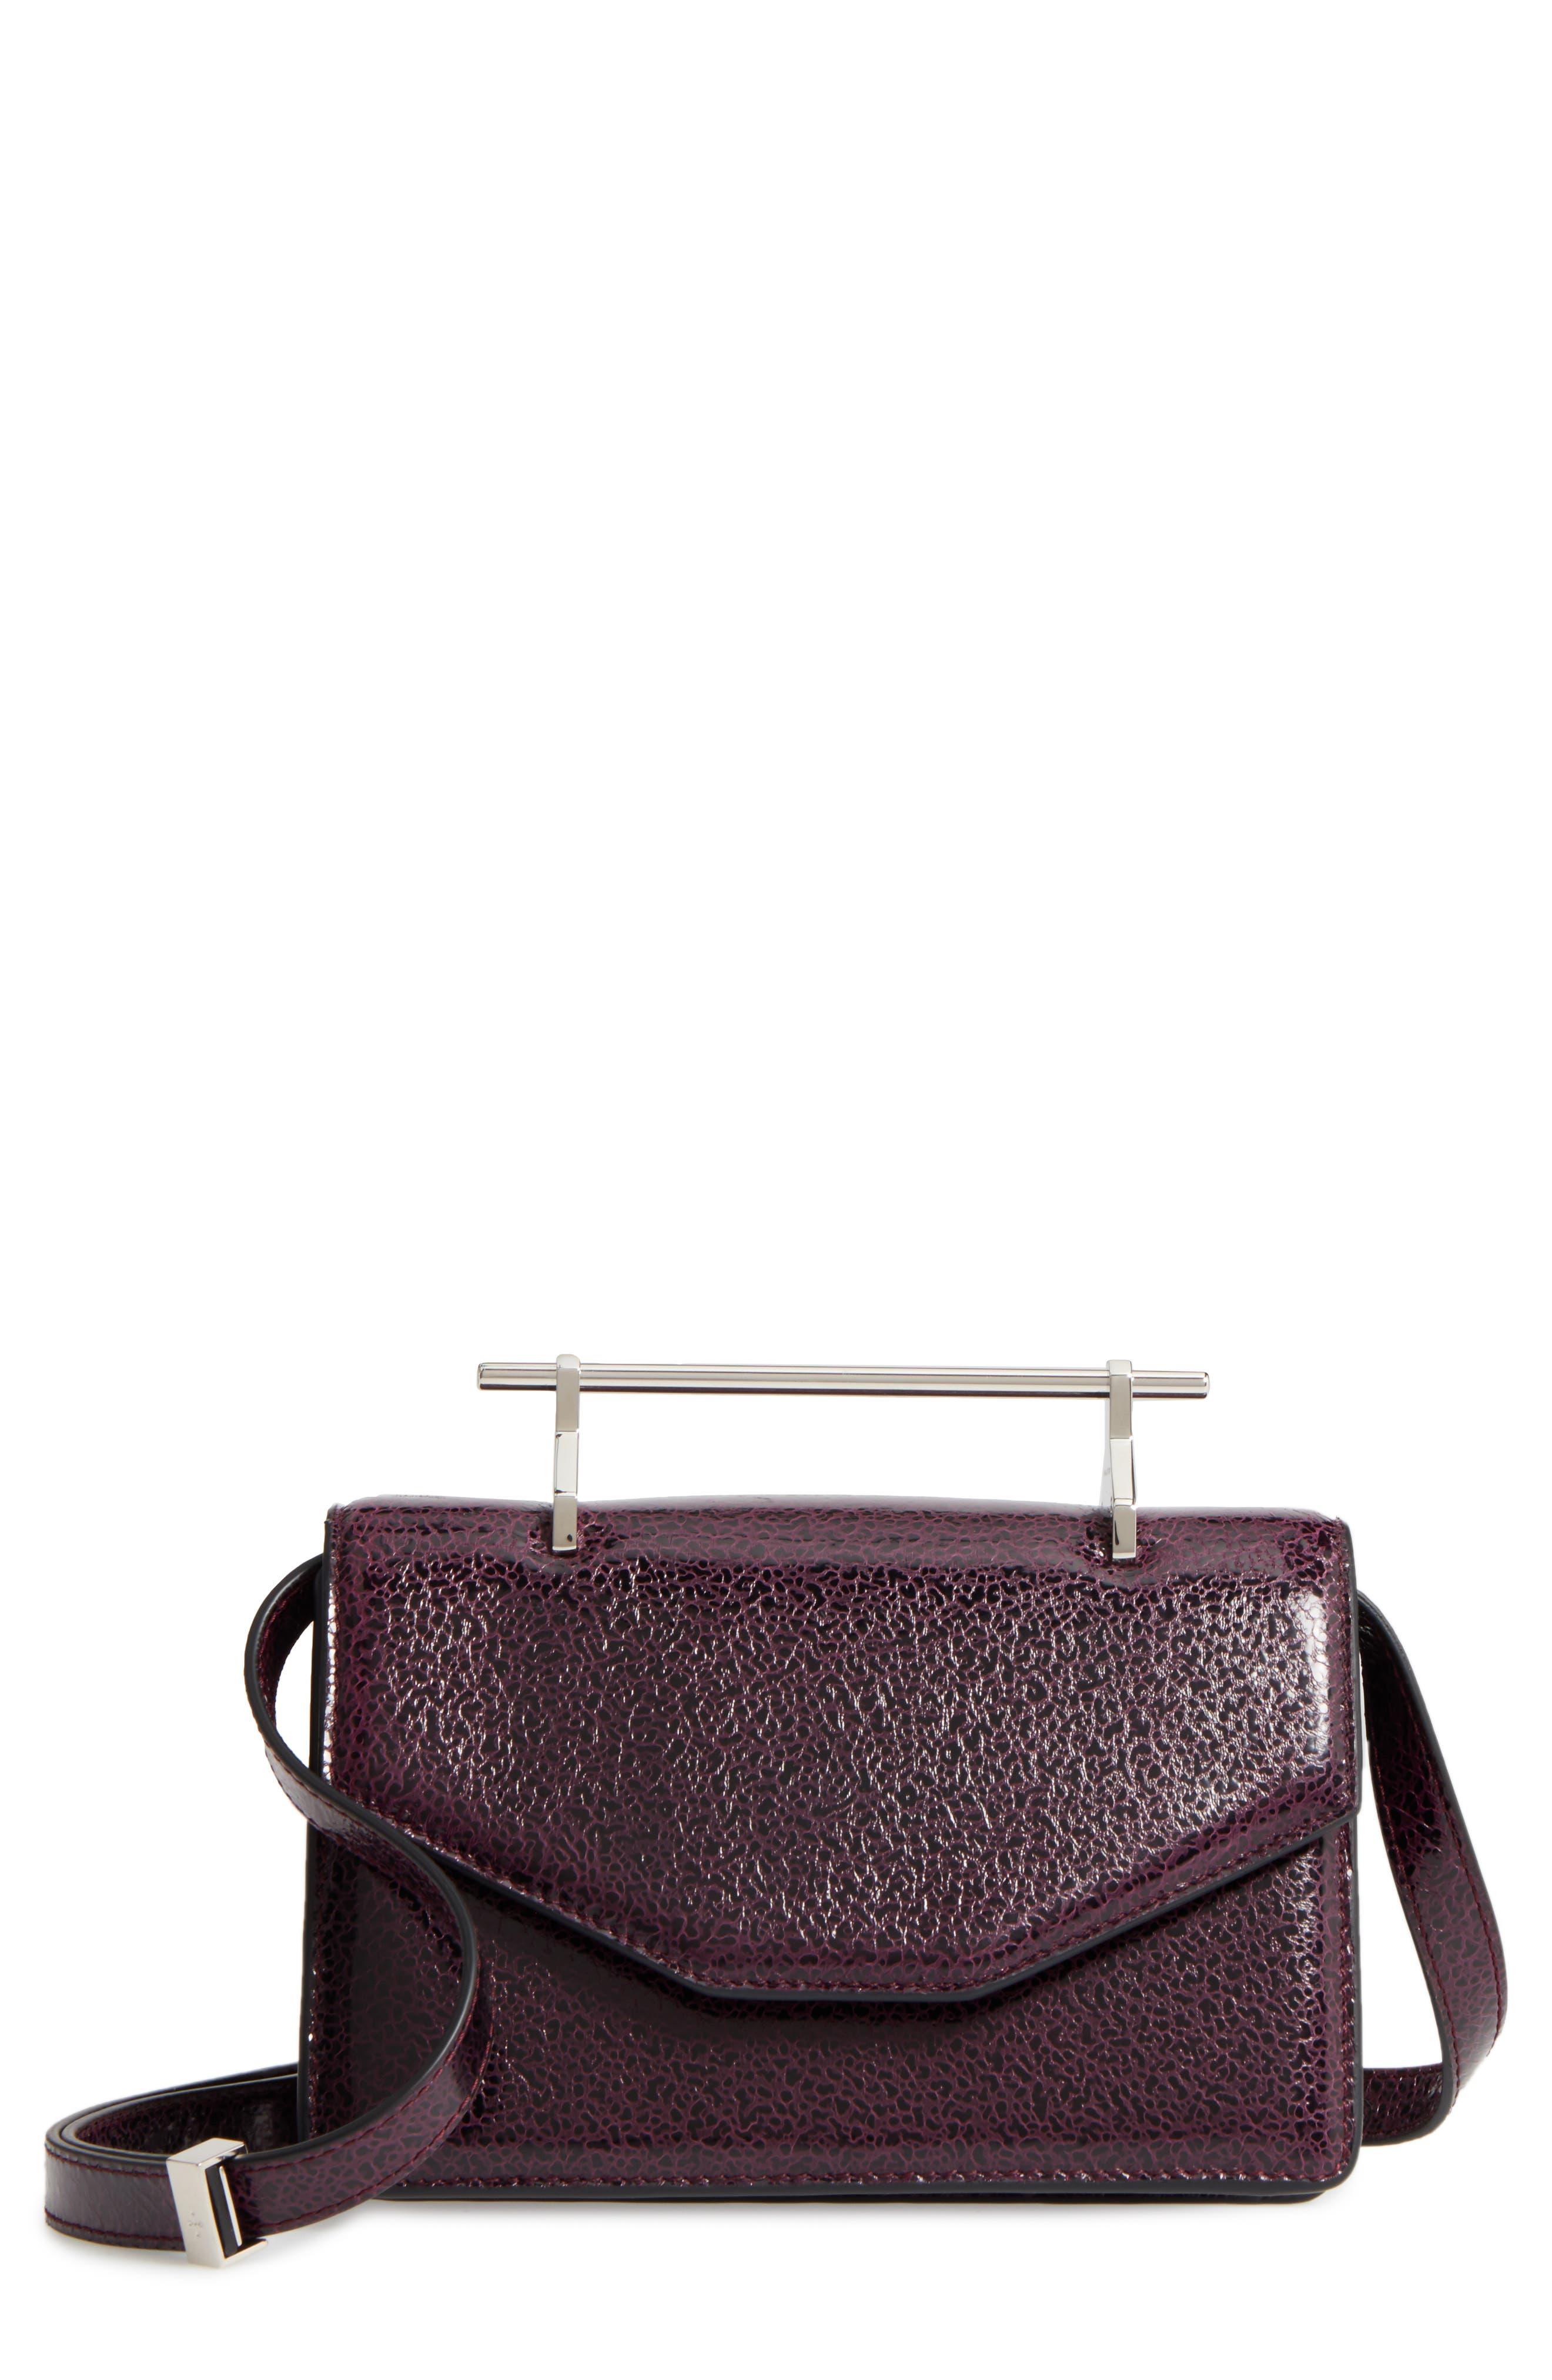 Indre Leather Shoulder Bag,                         Main,                         color, 930